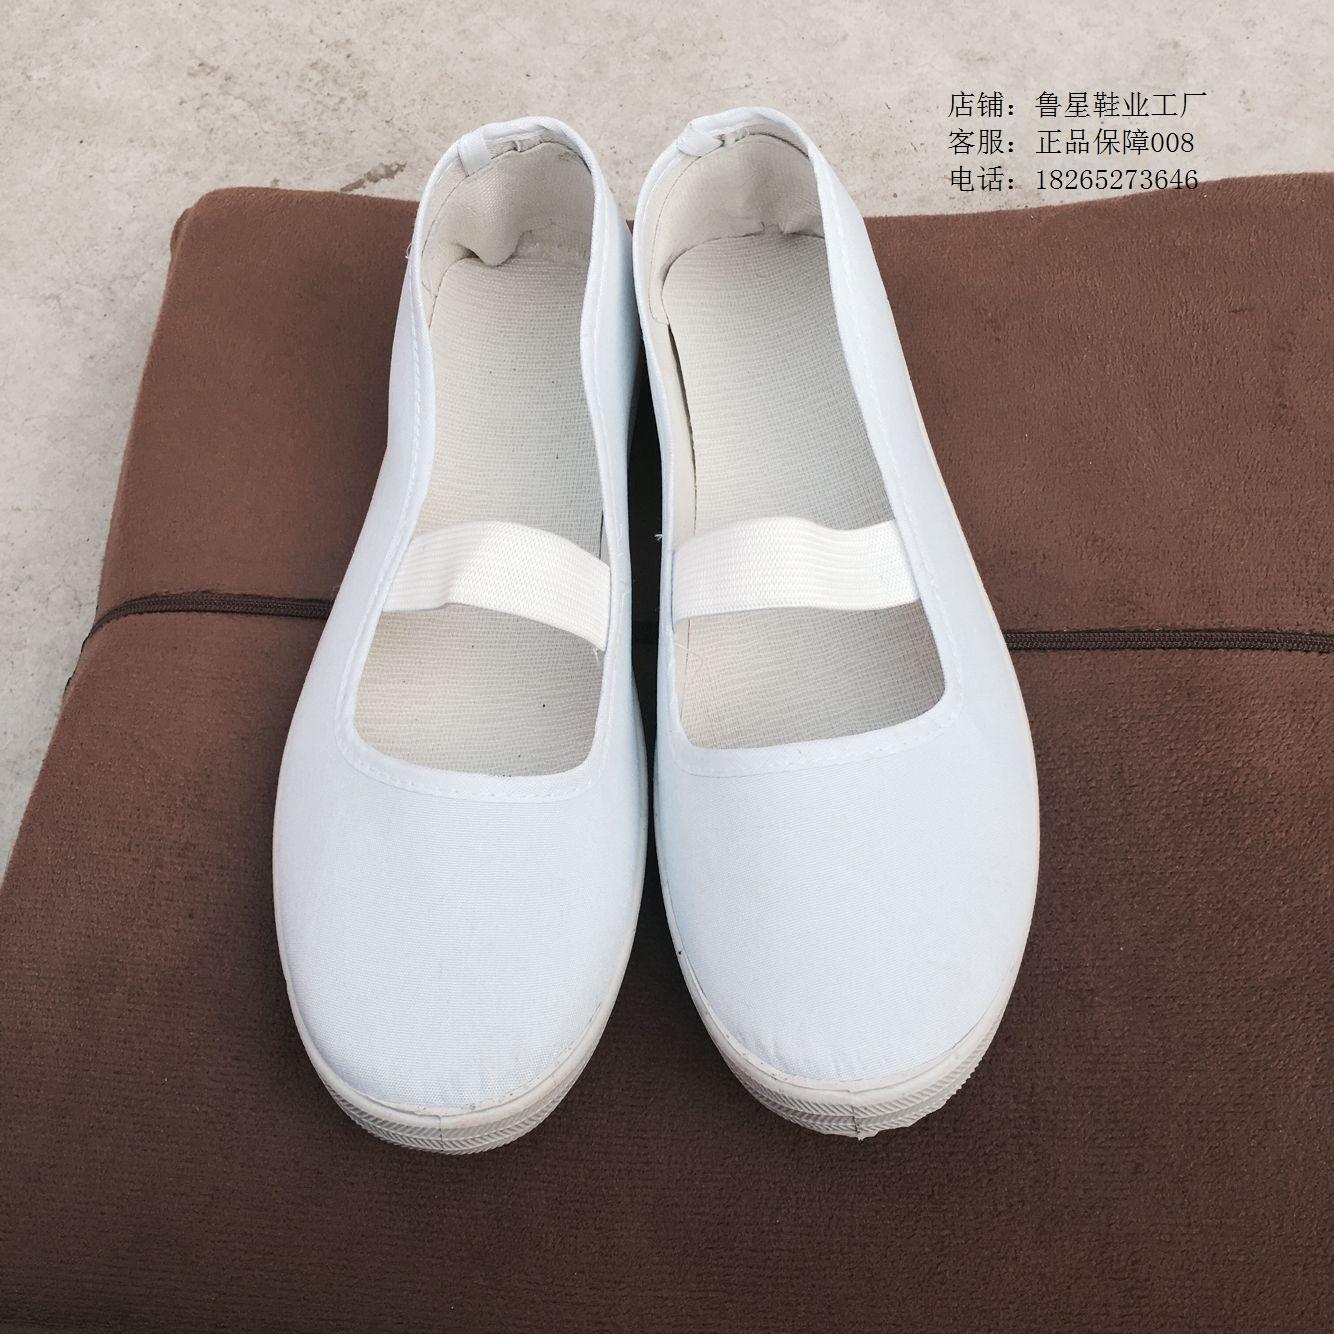 白布鞋 男女孝鞋 丧事白事用鞋 劳保鞋帆布鞋 殡葬专用白鞋 职业